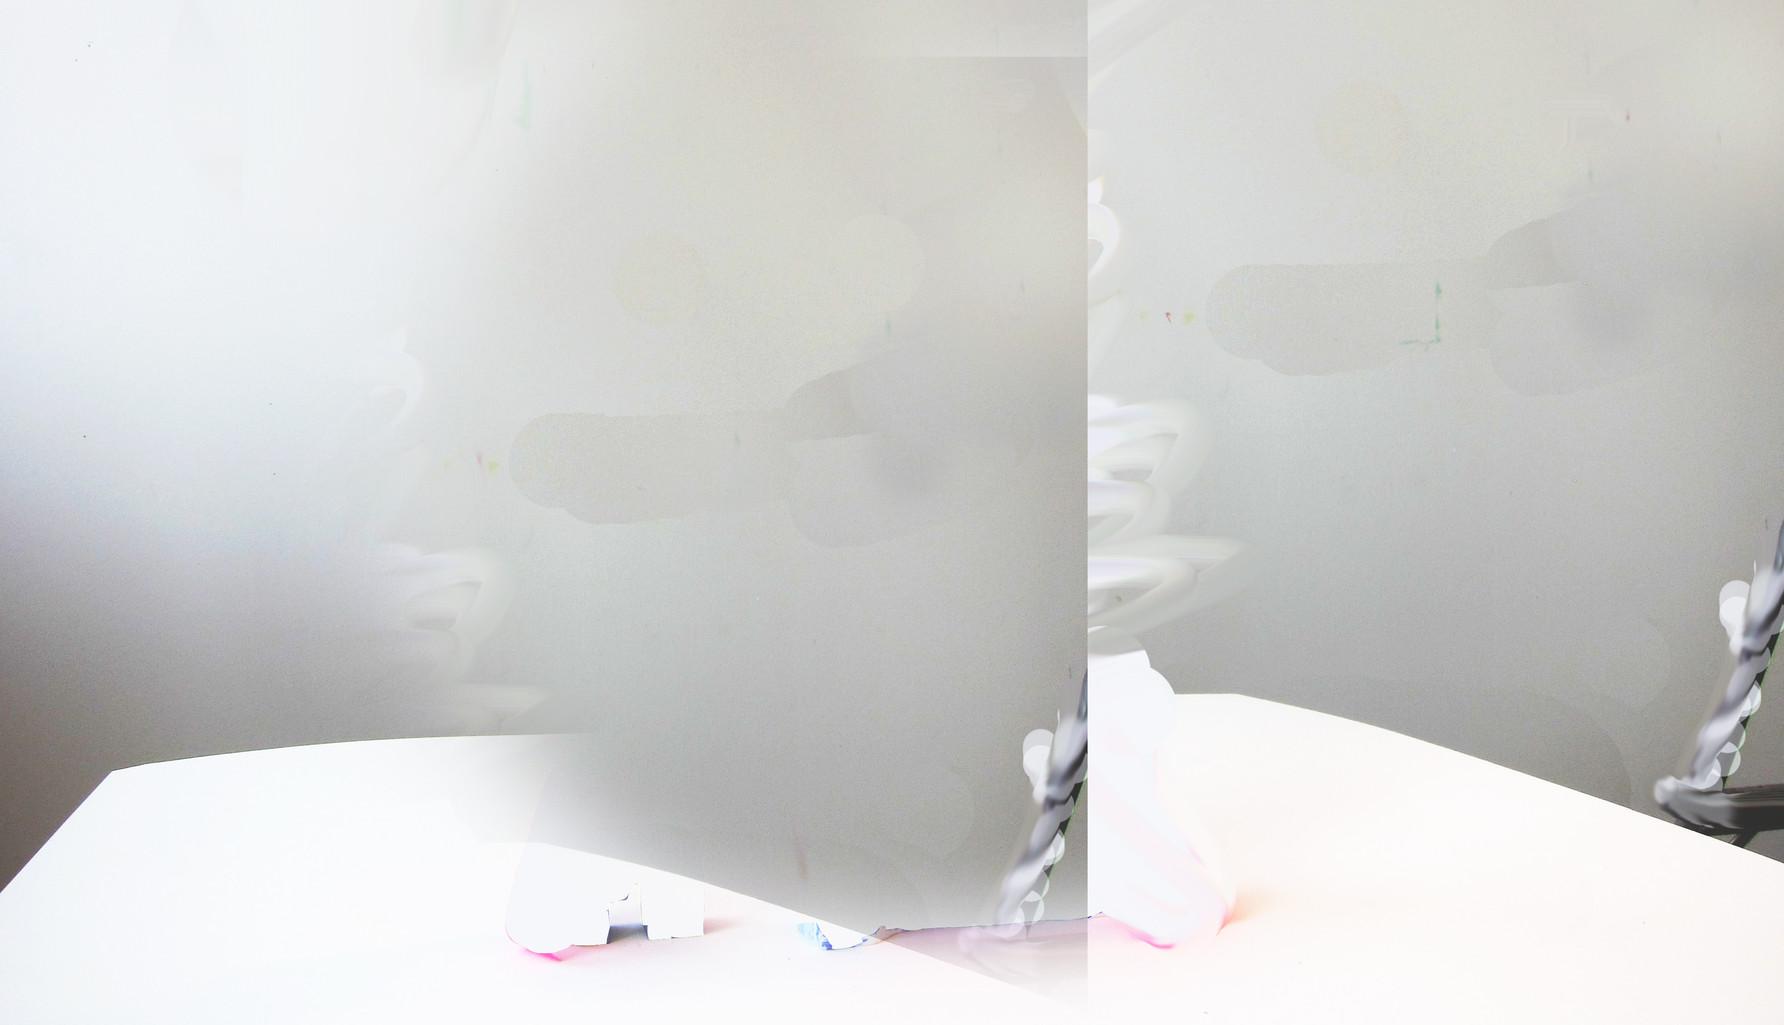 2 walls 2.jpg